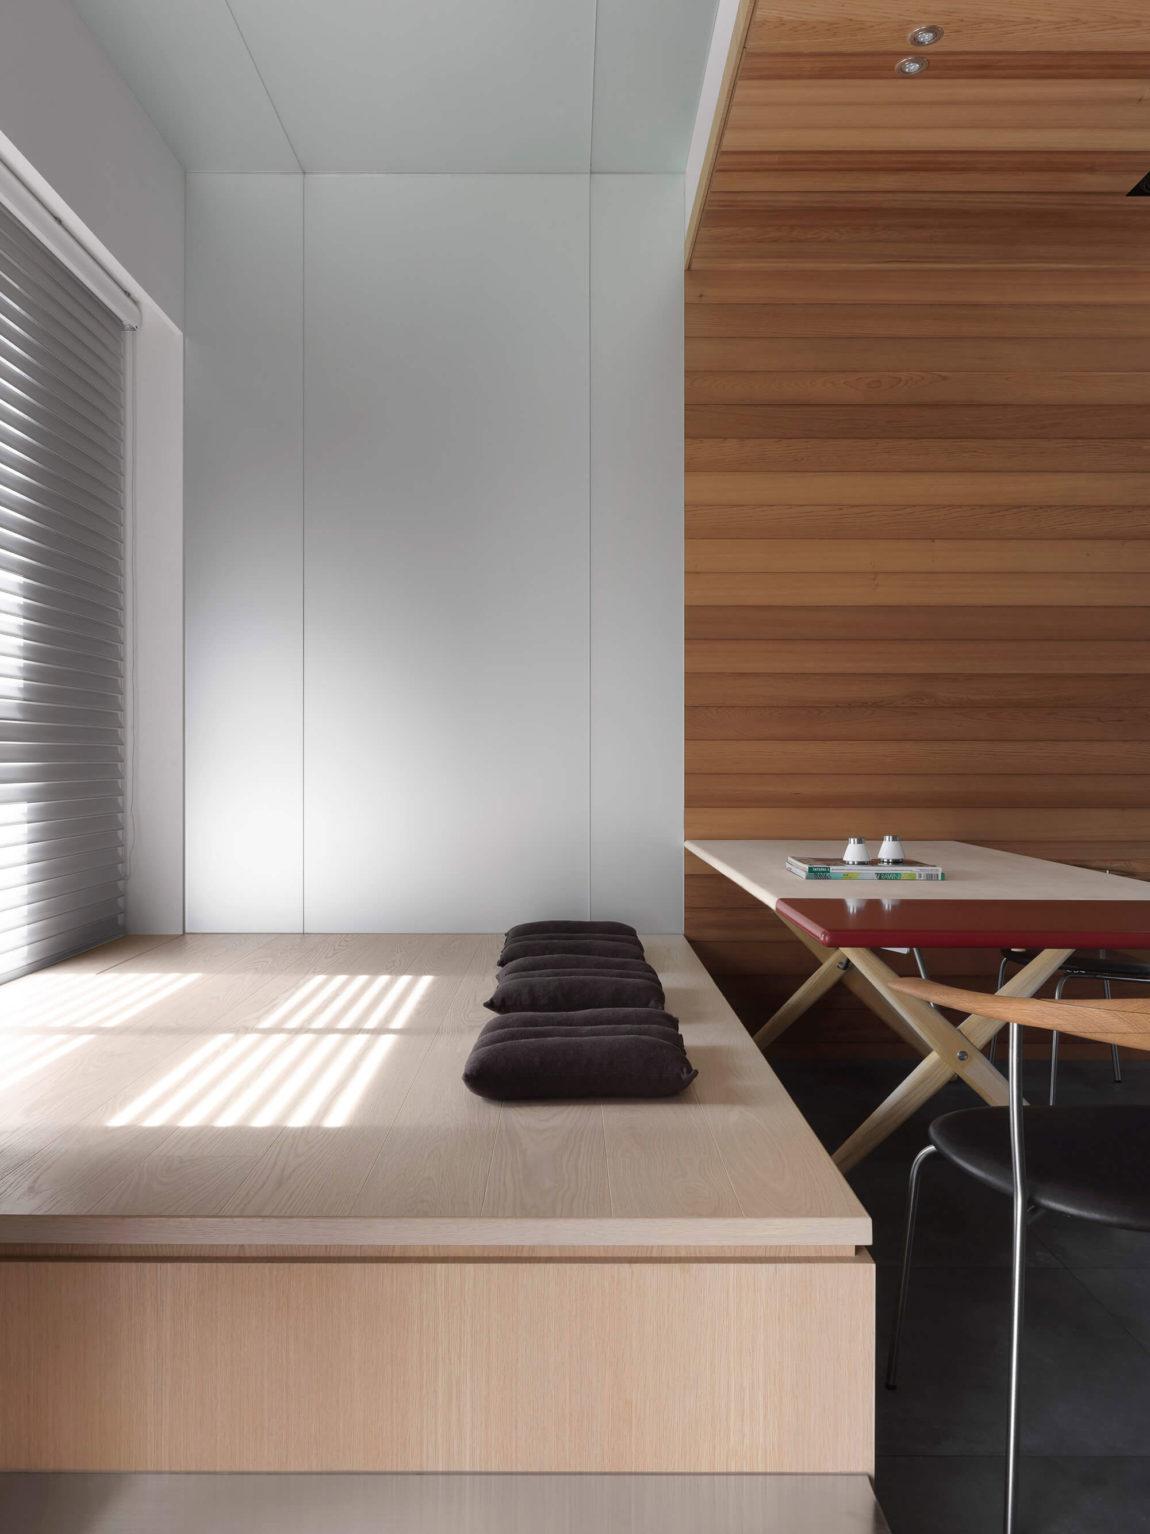 现代公寓榻榻米装修设计效果图